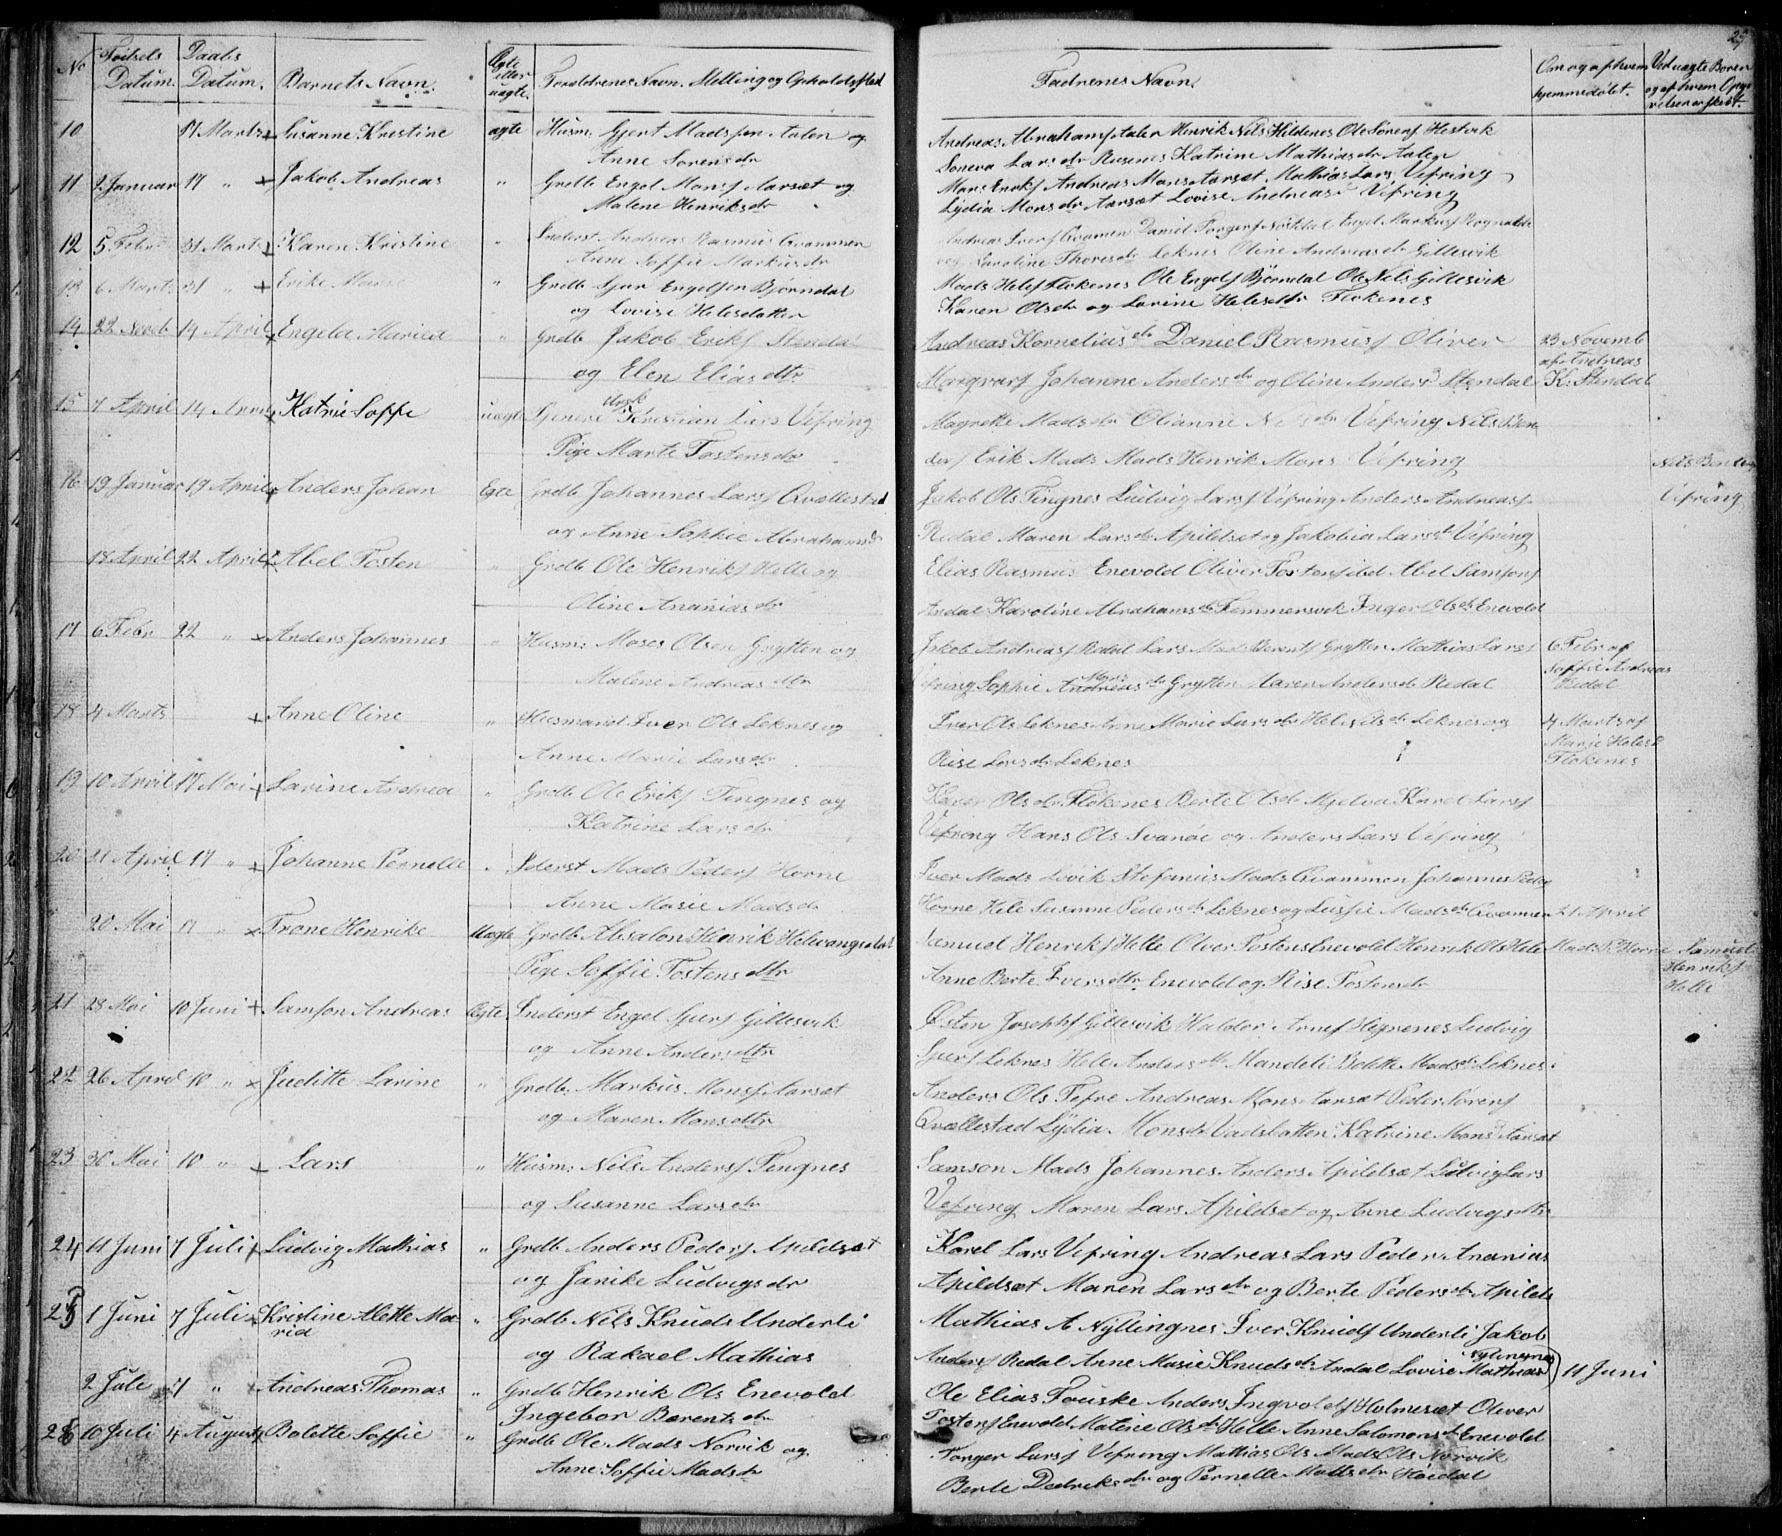 SAB, Førde Sokneprestembete, H/Hab: Klokkerbok nr. E 0, 1853-1880, s. 29